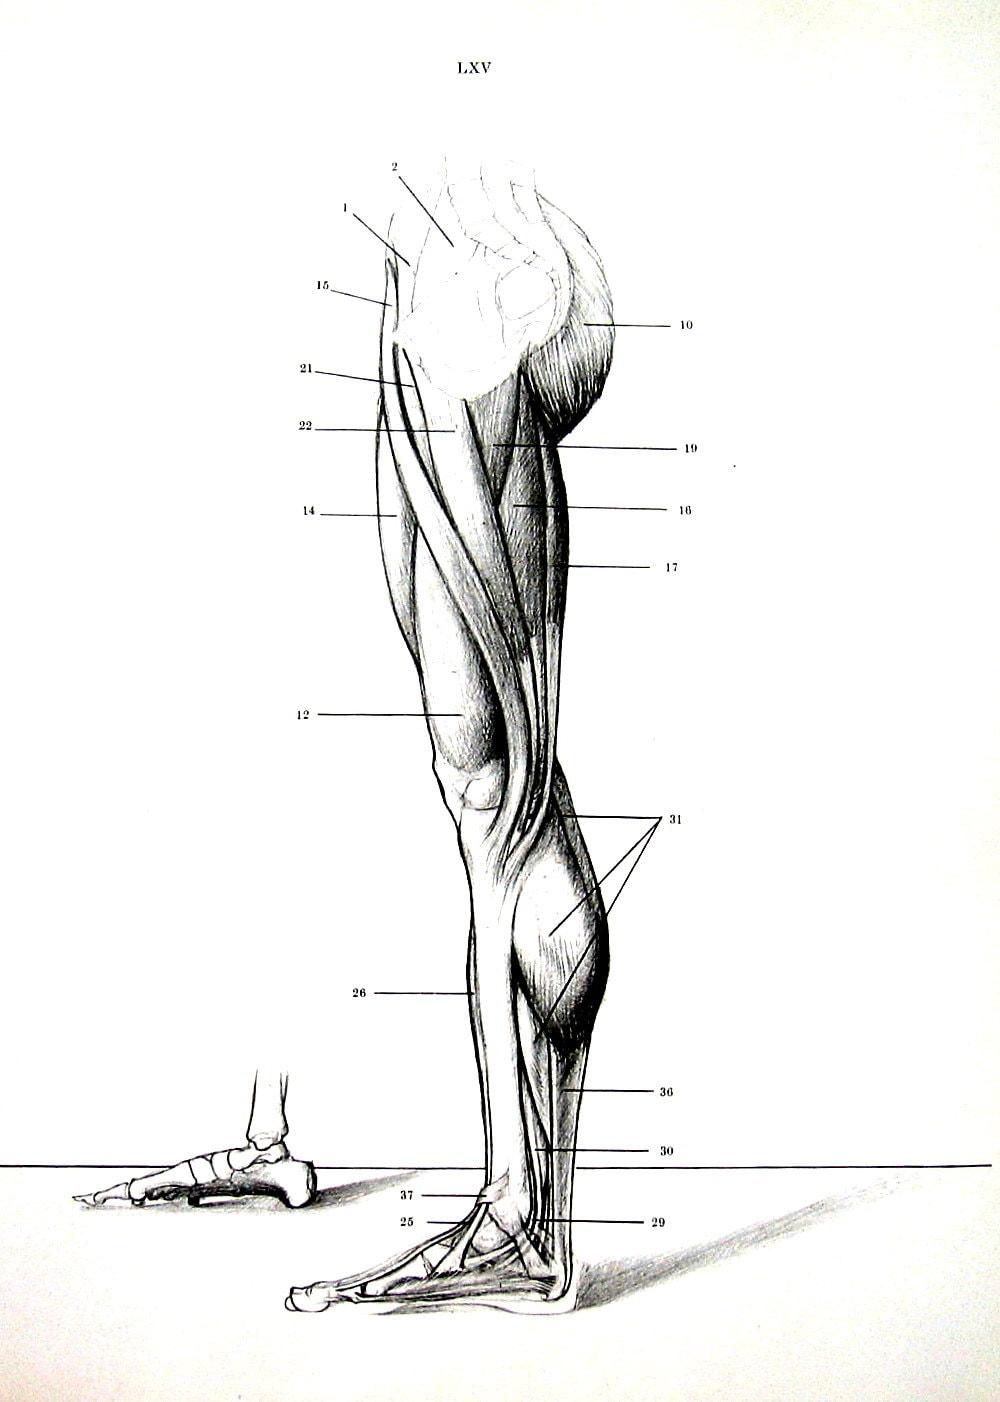 Anatomía humana músculos de la pierna anatomía Vintage | Etsy